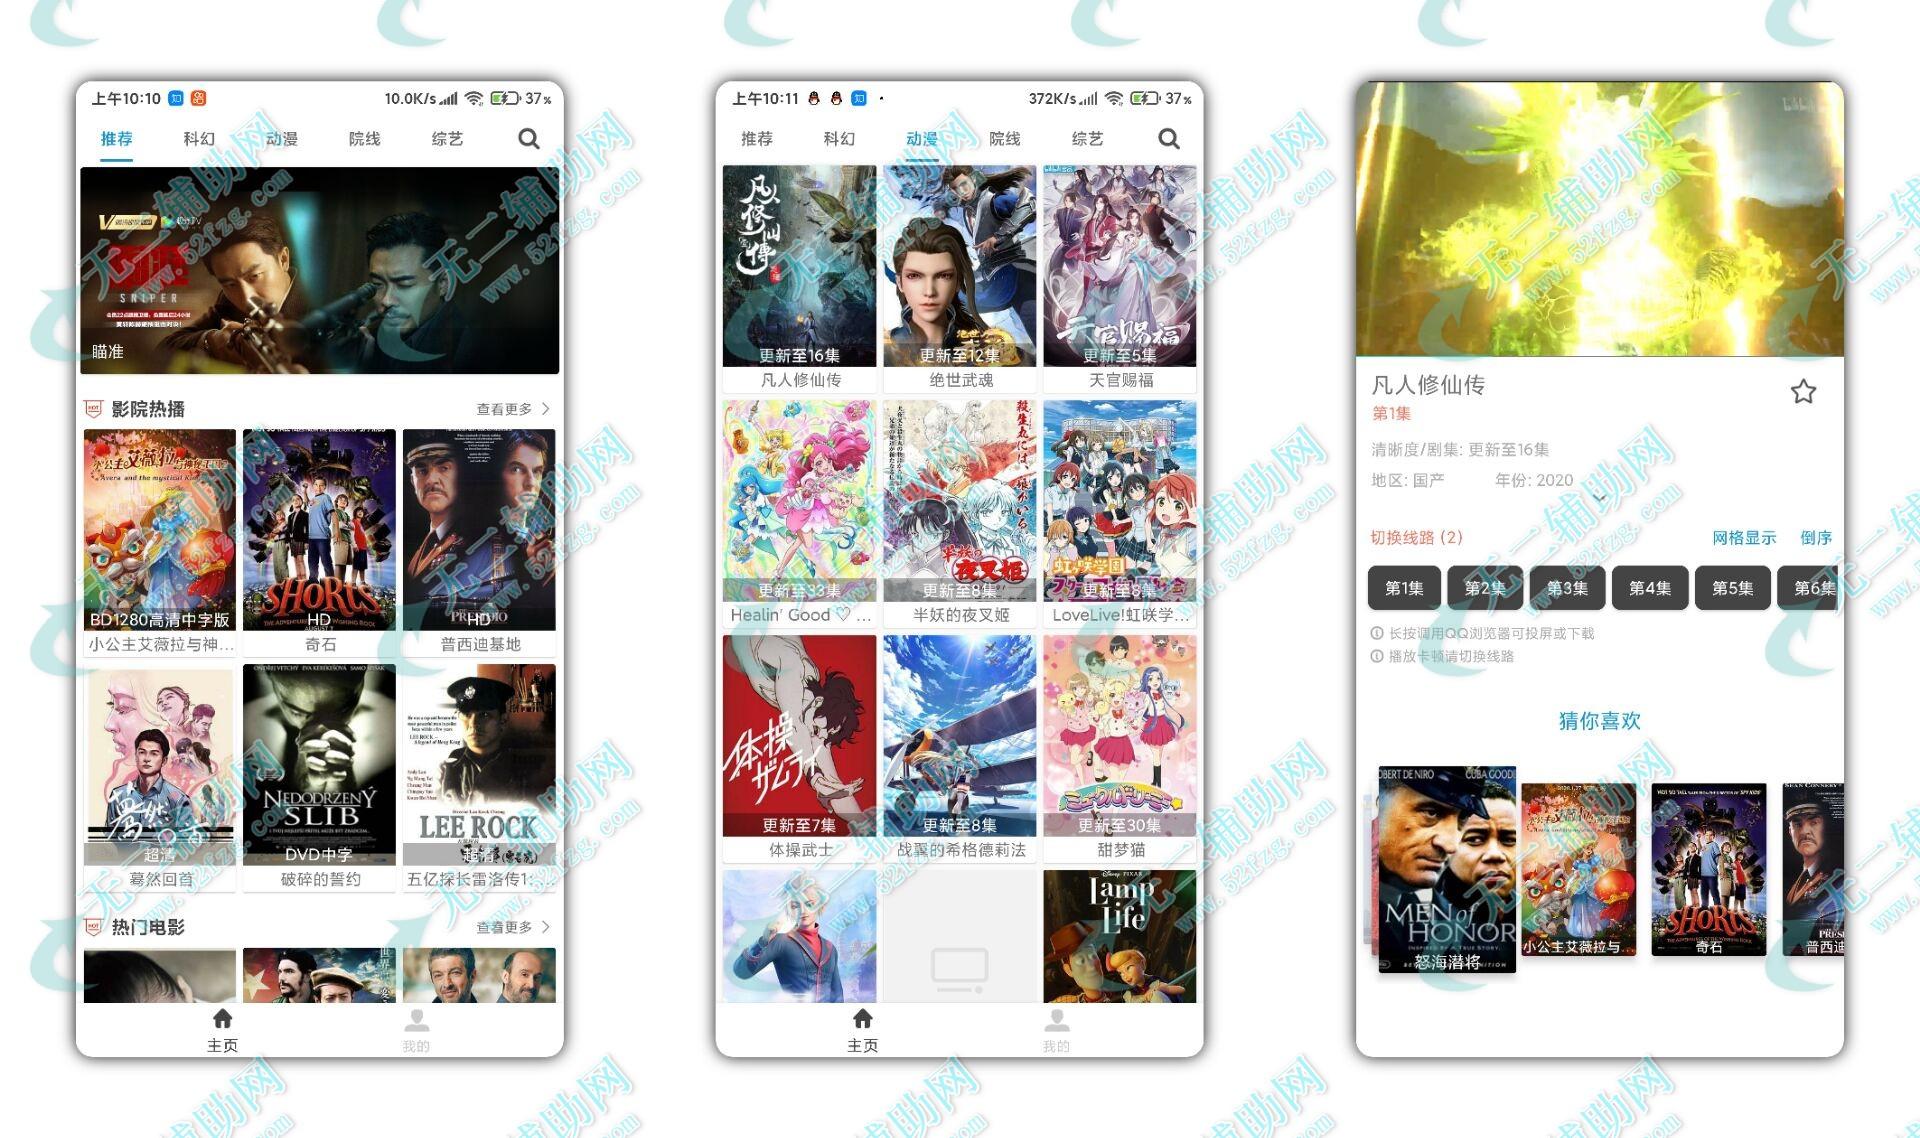 乐享影视v2.8无广告安卓版 全网影视随意看 实时同步